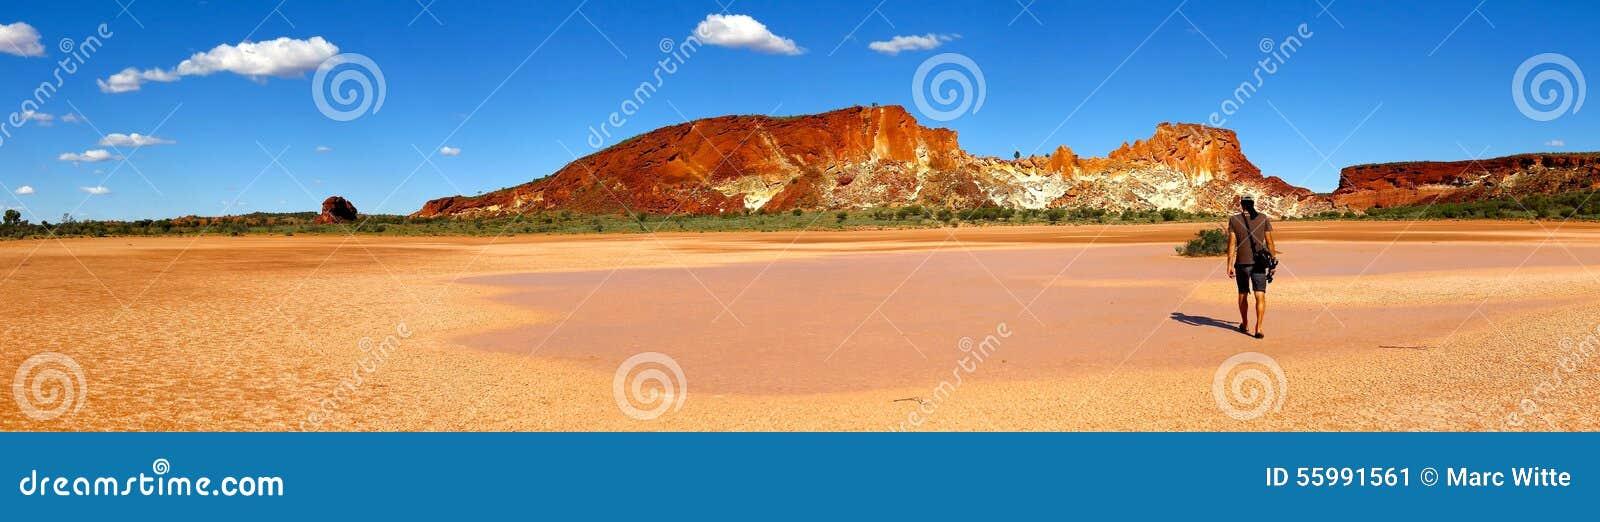 Panorama - vallée d arc-en-ciel, territoire du nord du sud, Australie